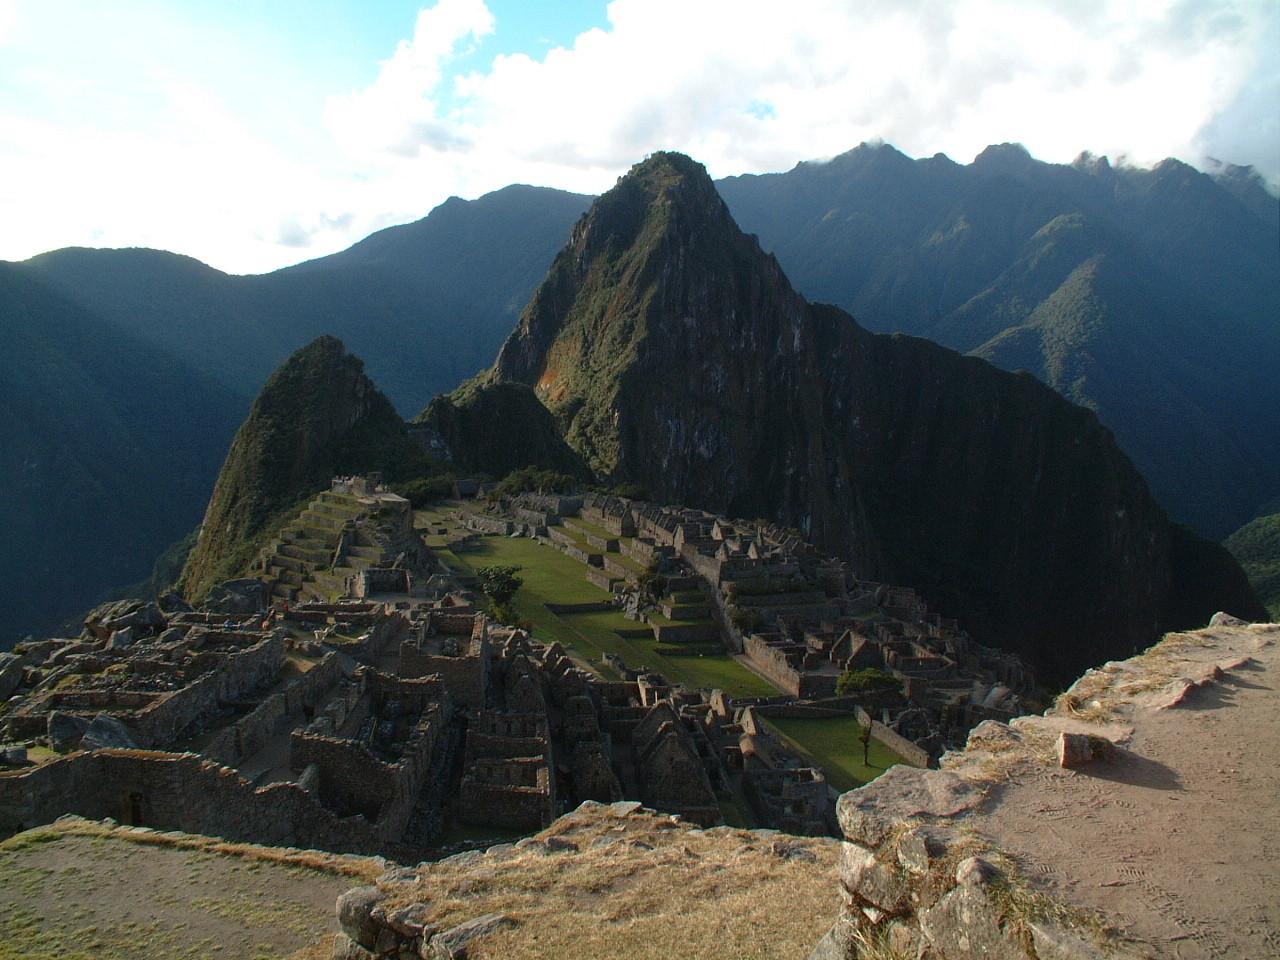 Eén van de 7 wereldwonderen, Machu Picchu in Peru.